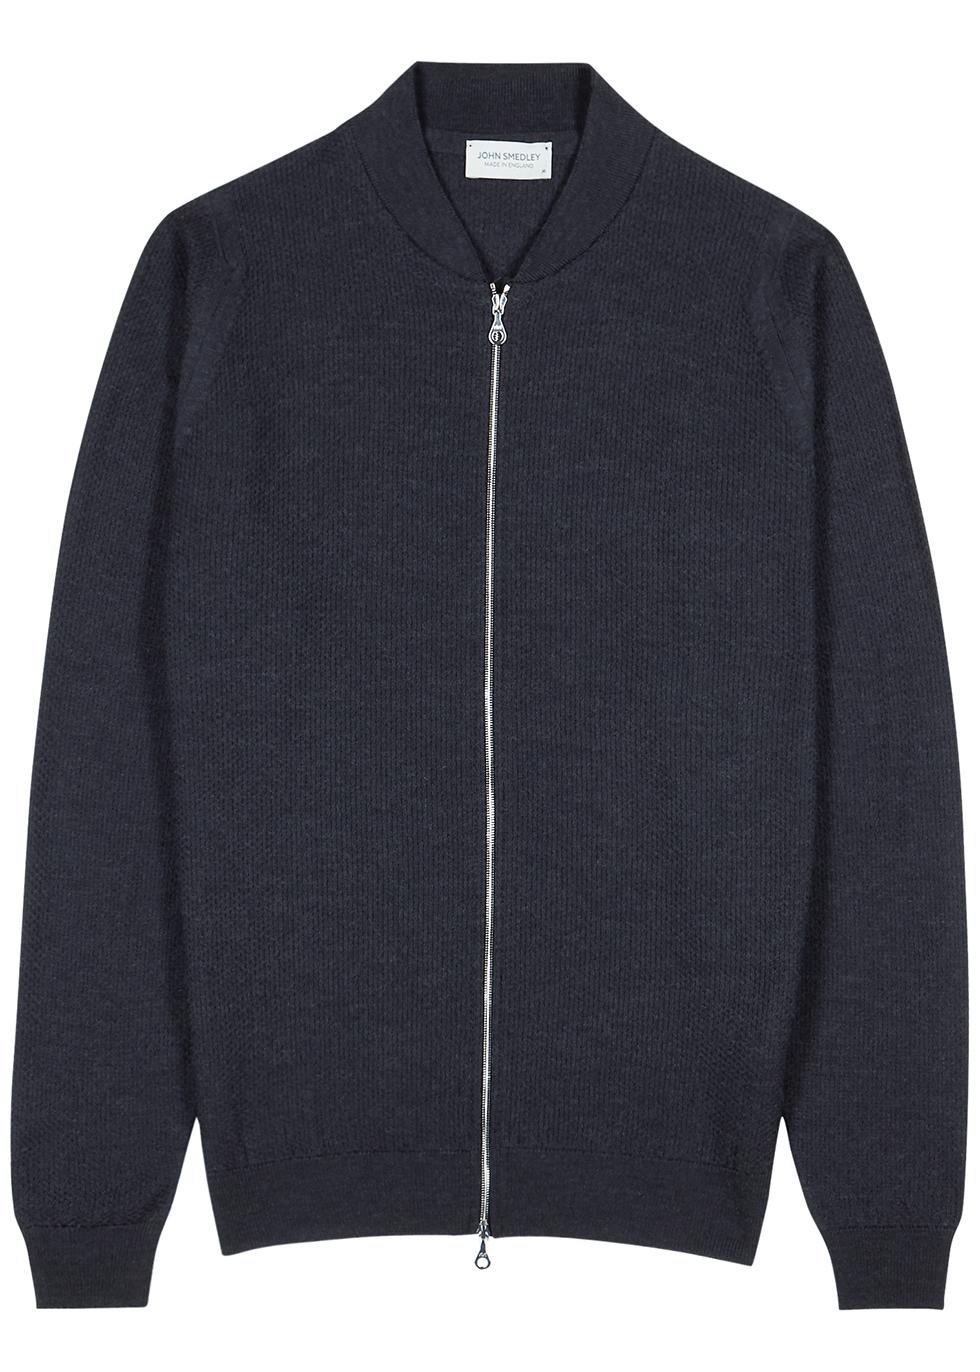 6Singular dark grey waffle-knit wool jacket